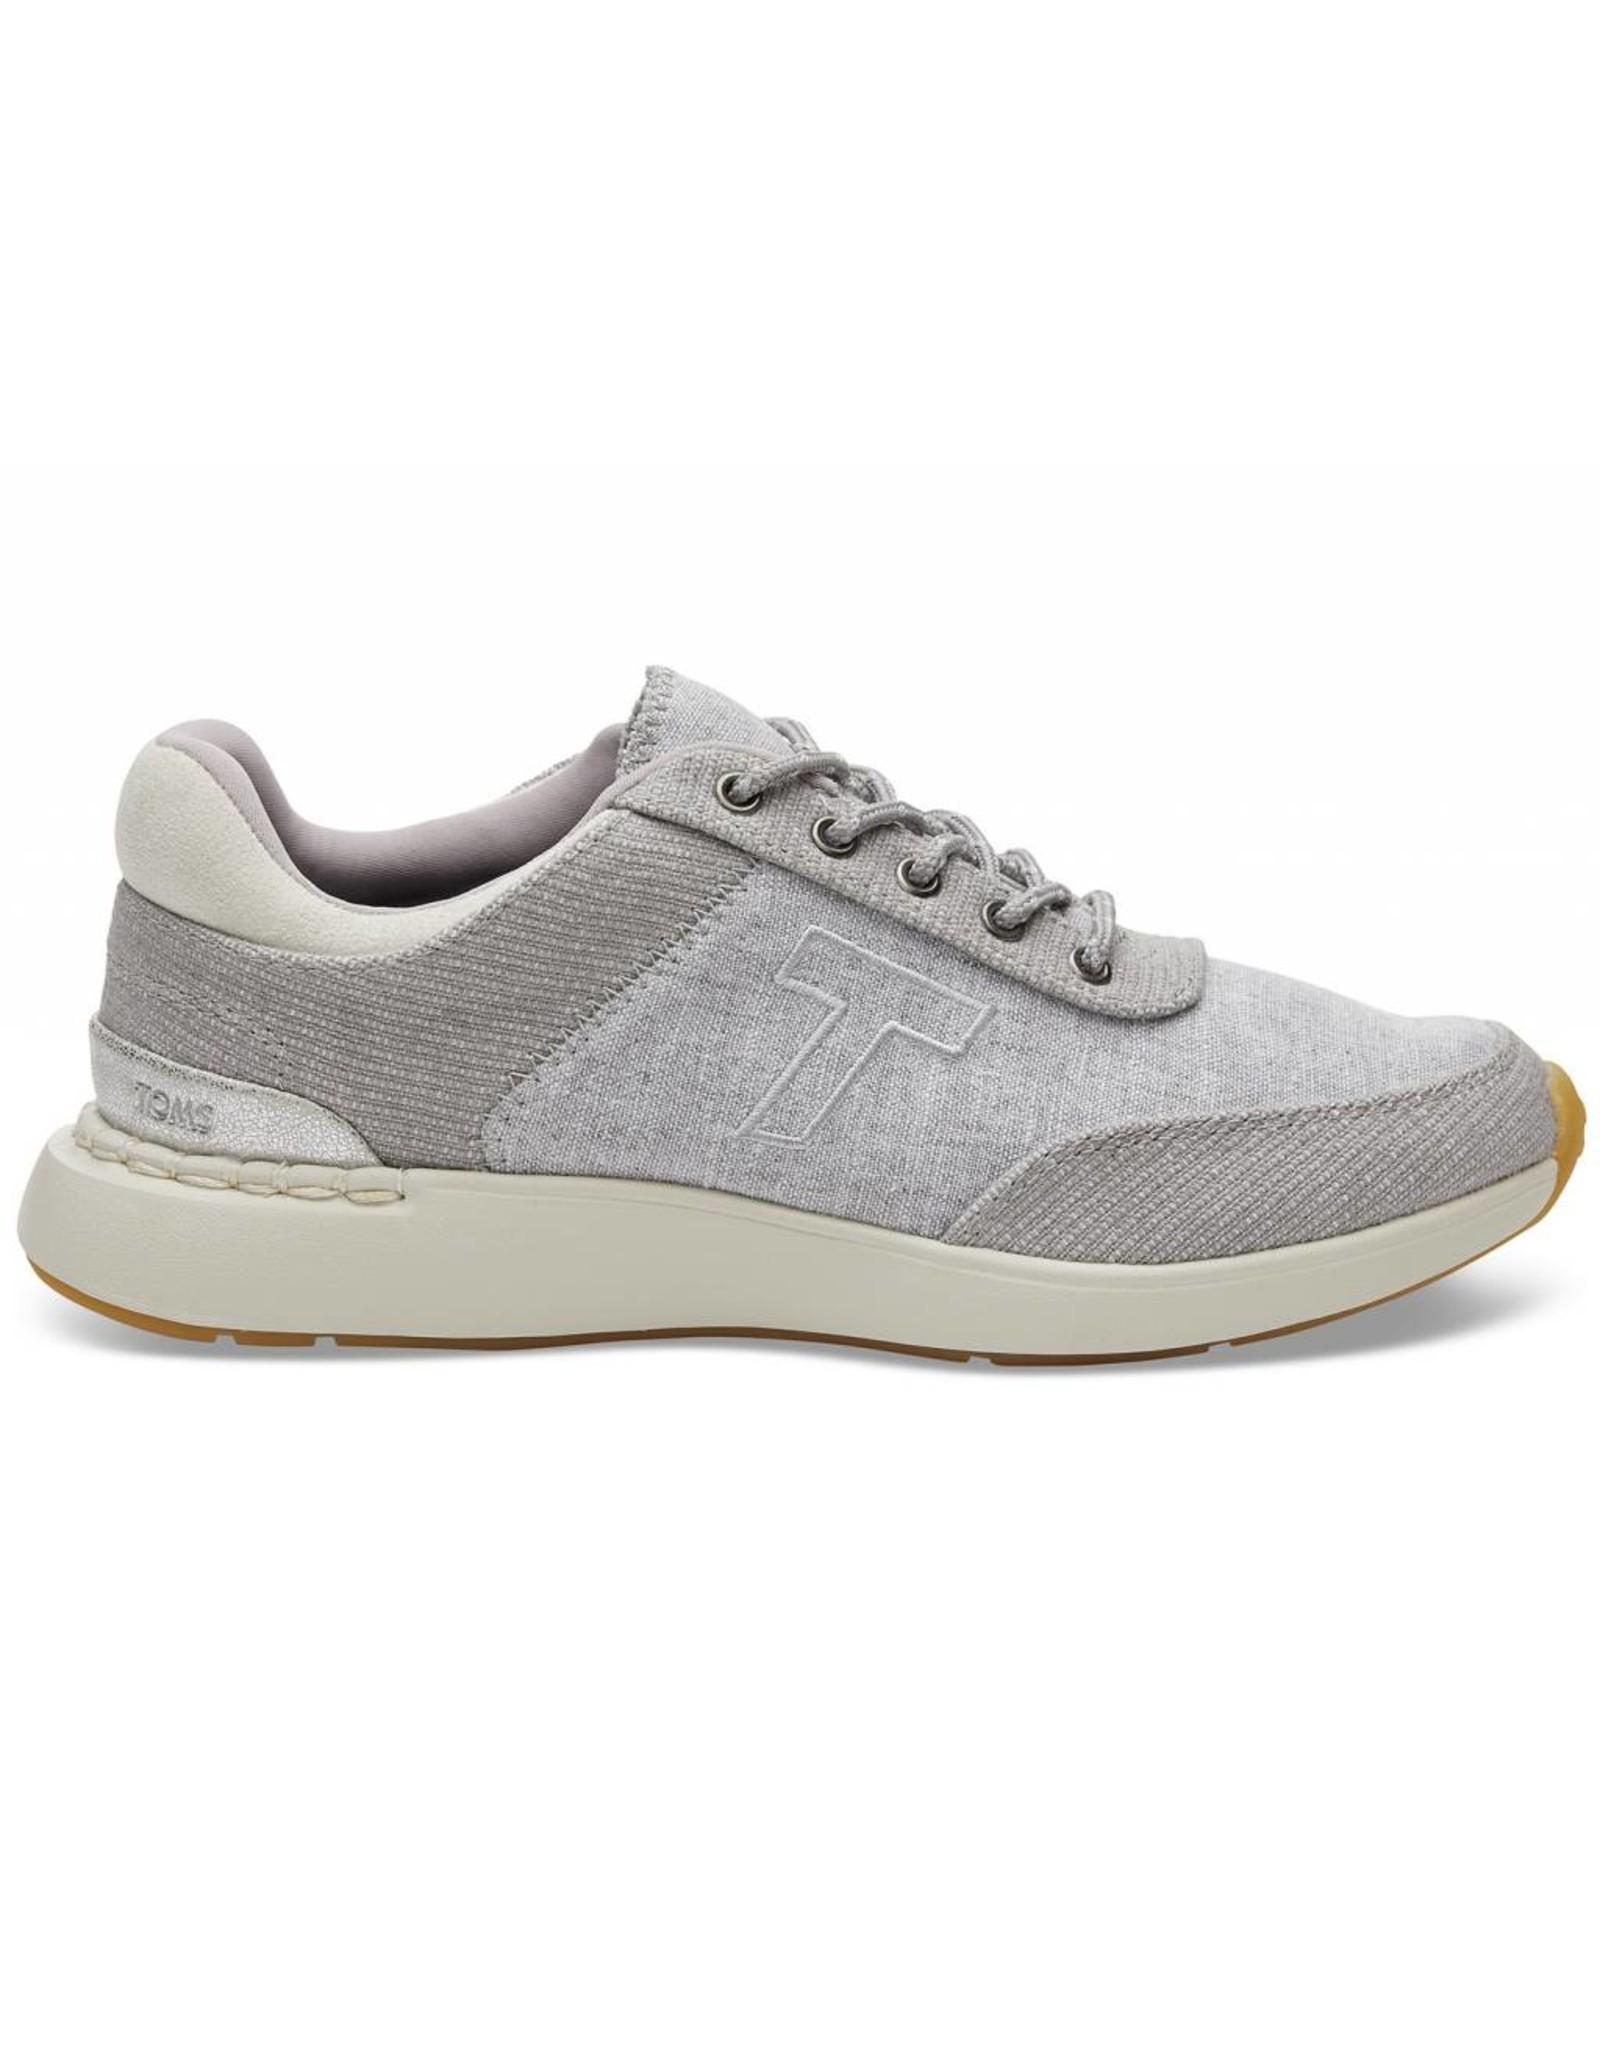 TOMS Women's Arroyo Sneaker - SP19